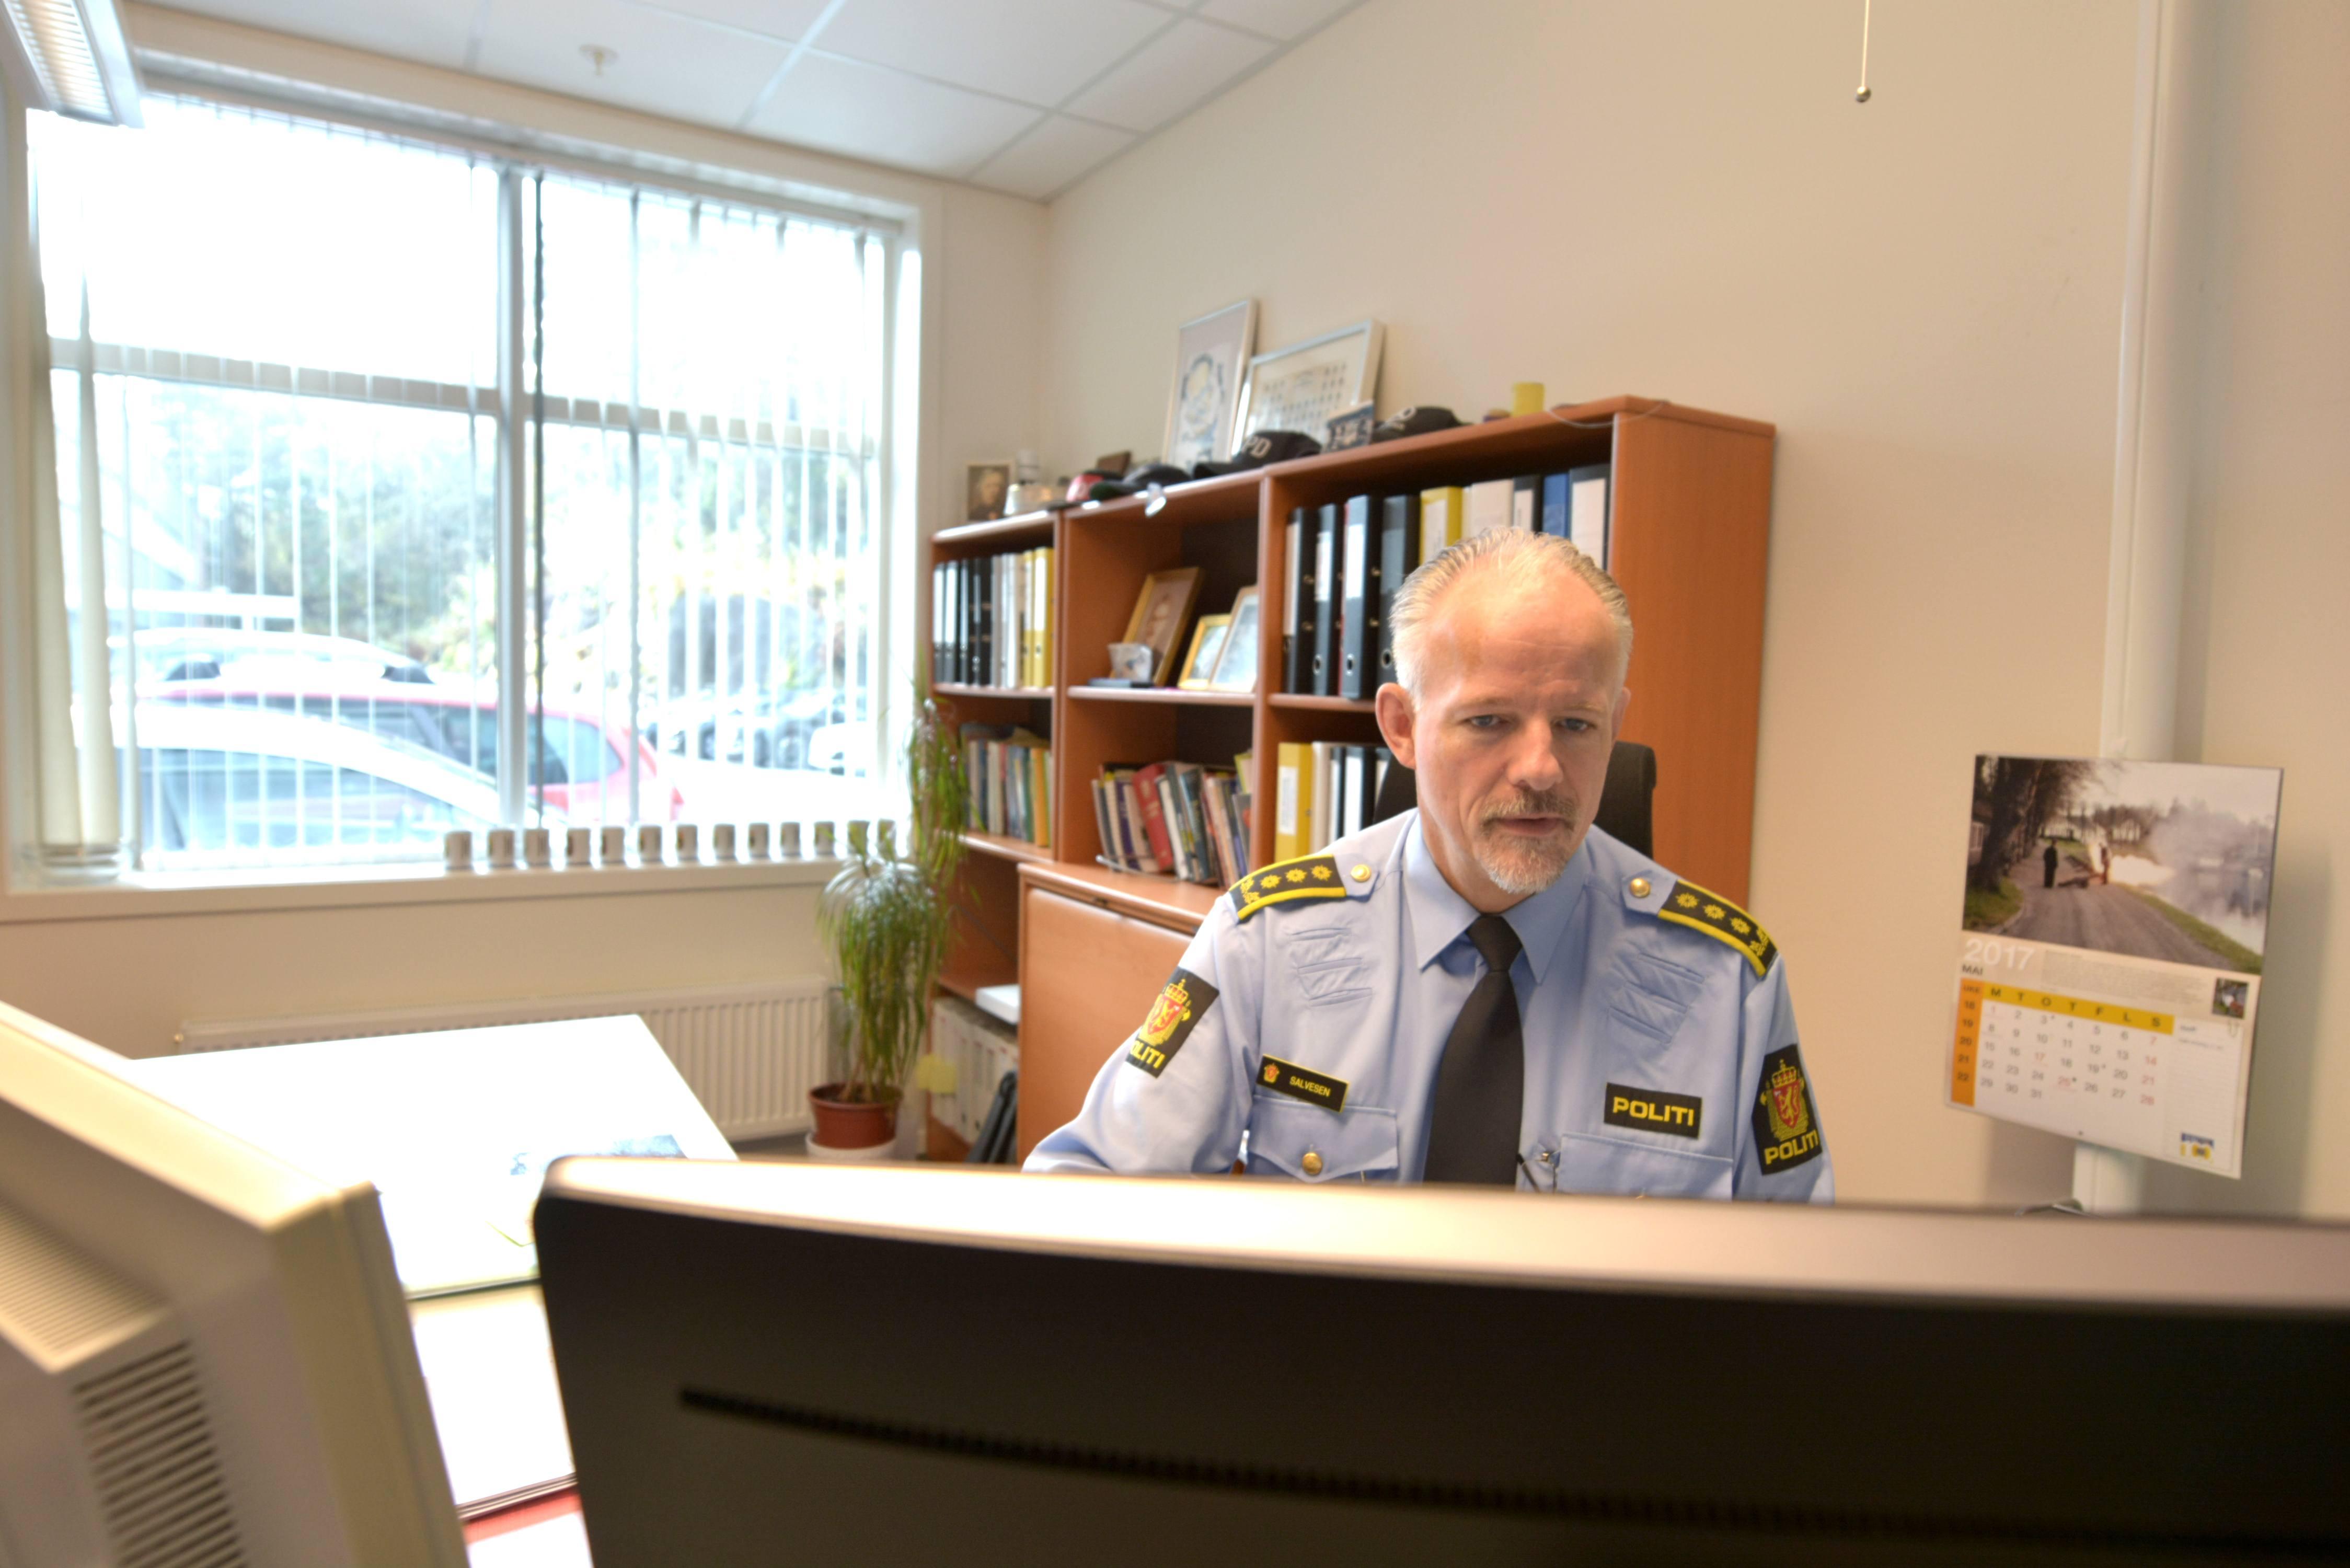 – Sosiale medier blir brukt i stor utstrekning for kjøp og salg av pirattaxi, sier Tore Salvesen, ved politiet.